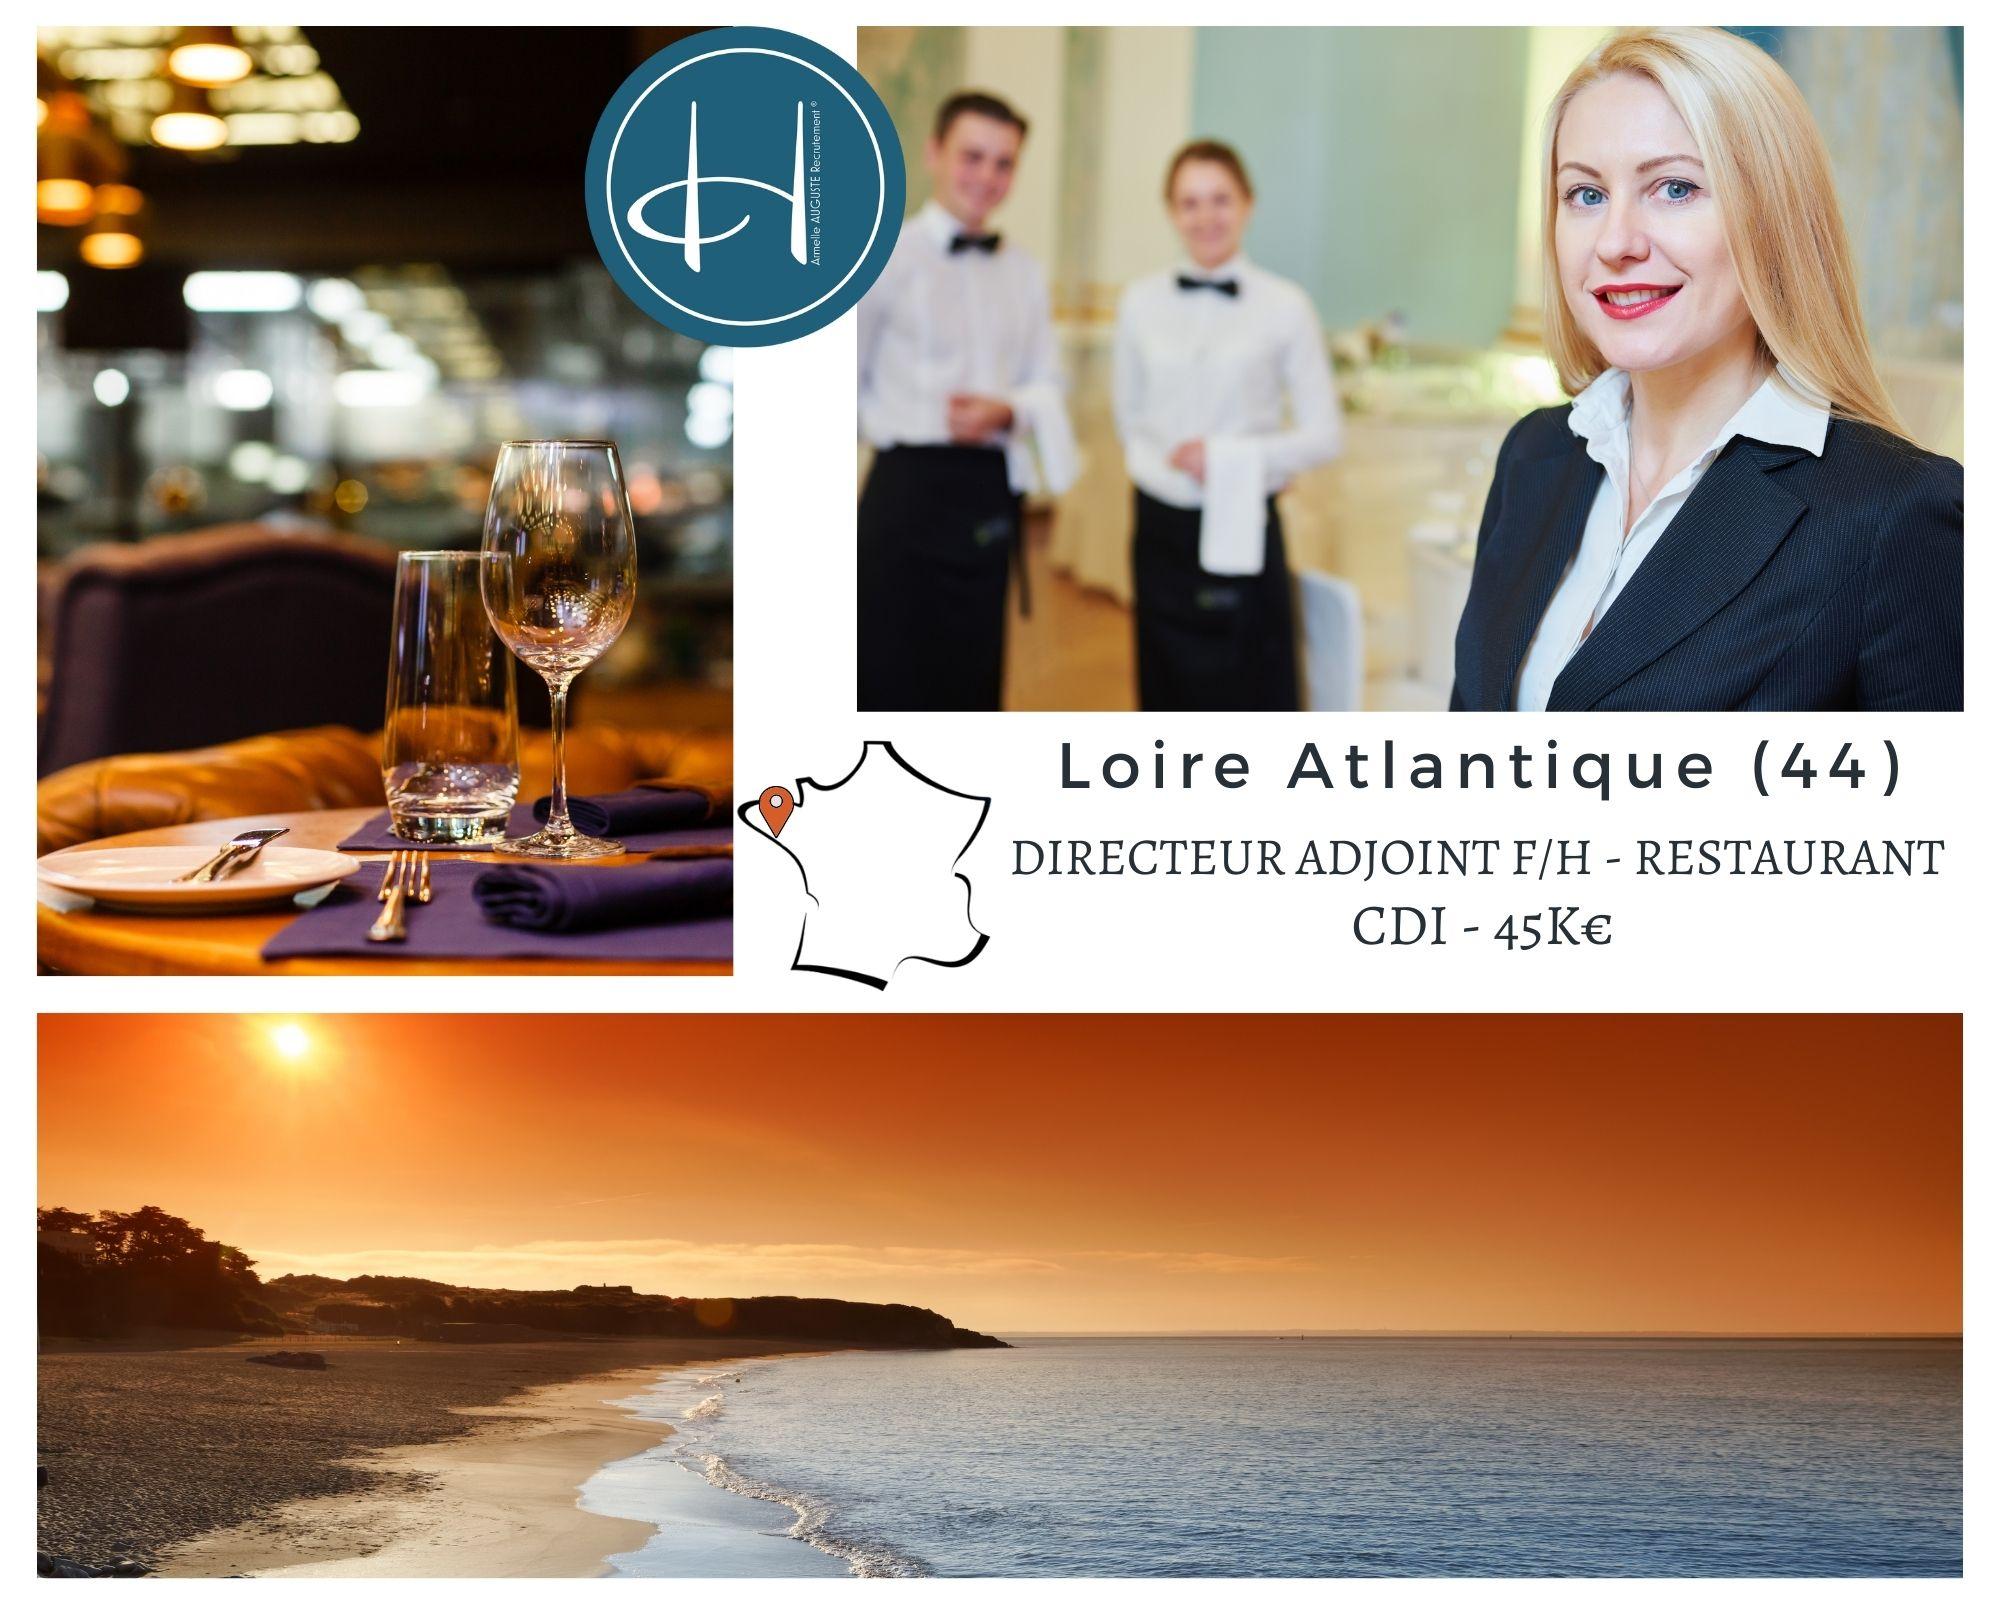 Recrutement: Directeur adjoint restaurant F/H chez Armelle AUGUSTE Recrutement® à saint nazaire